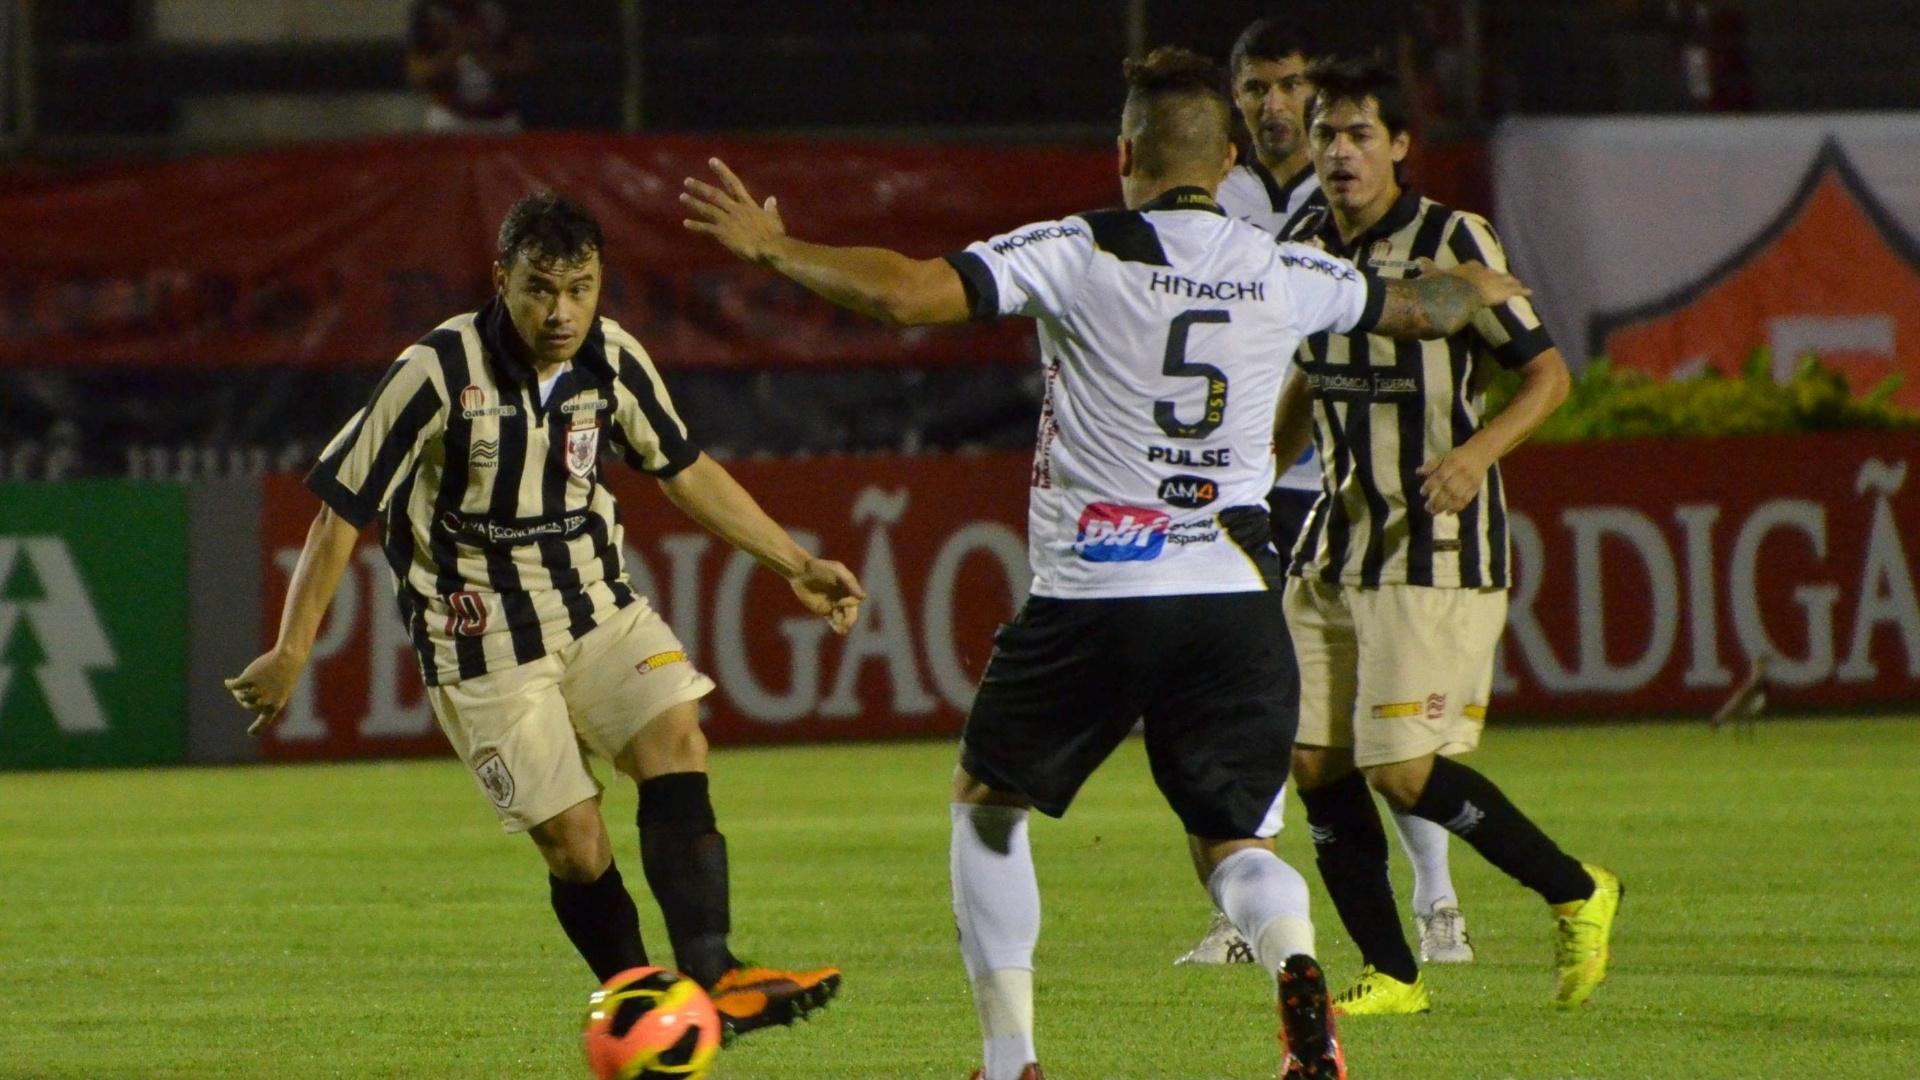 14.ago.2013 - Renato Cajá, do Vitória, faz jogada durante a partida contra a Ponte Preta no Barradão